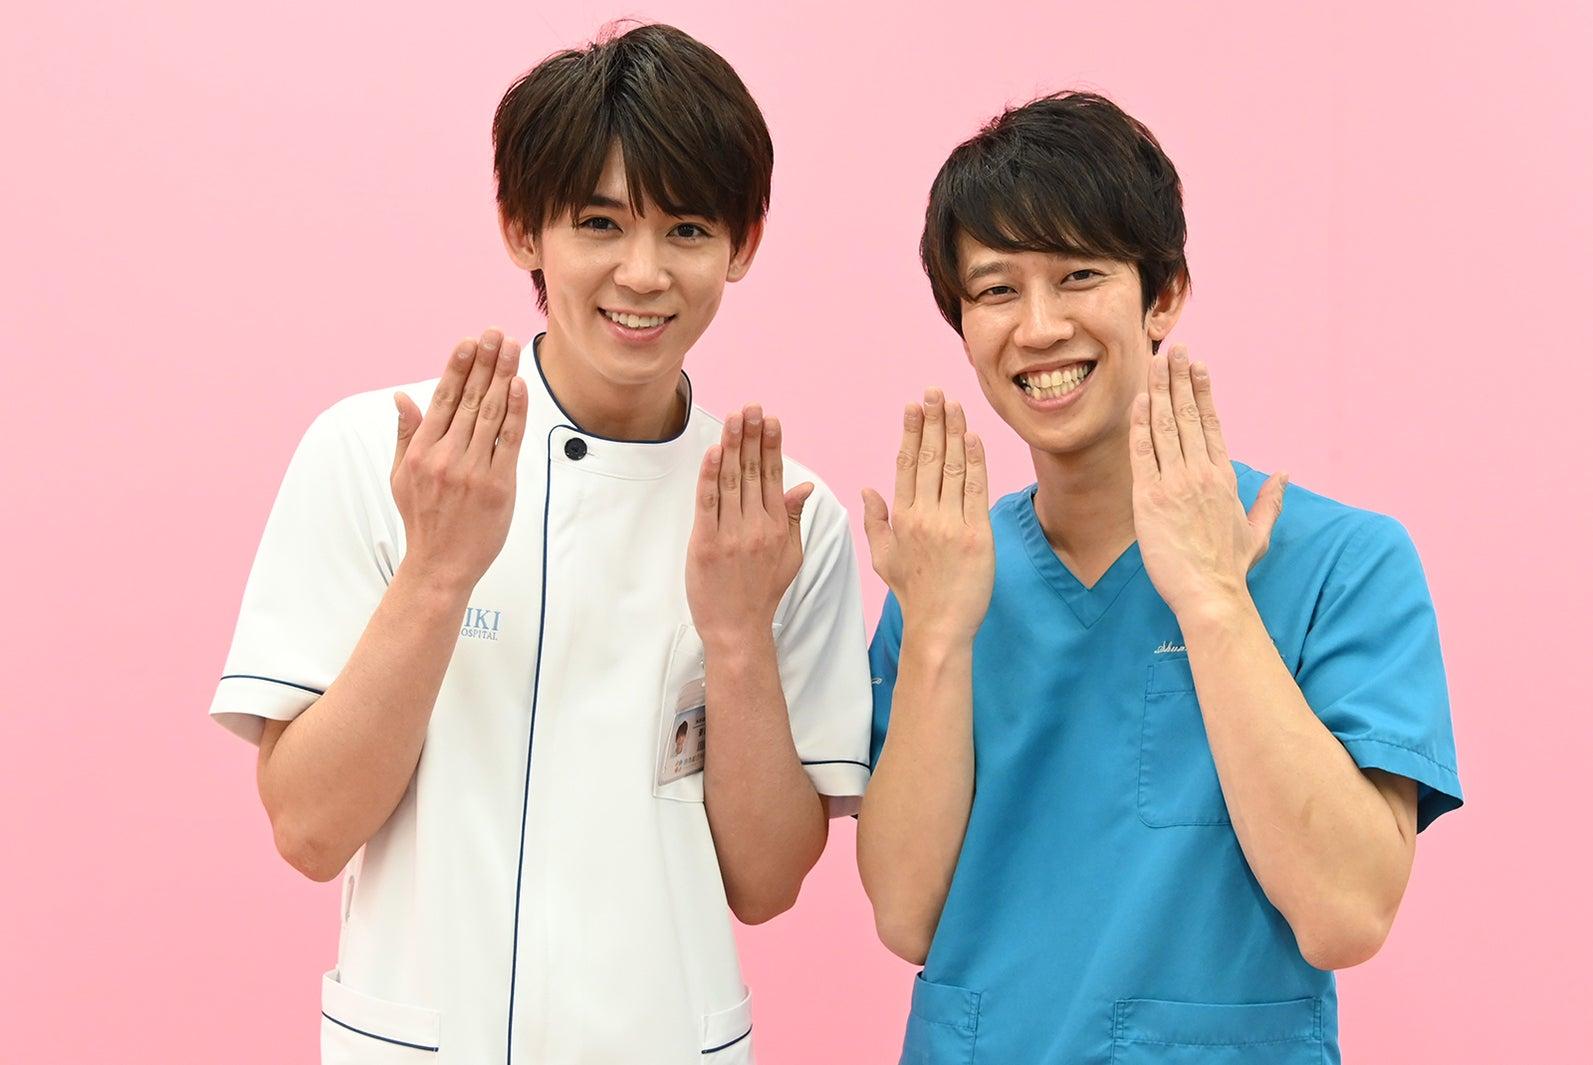 小瀧望、しゅんしゅんクリニックP(C)日本テレビ